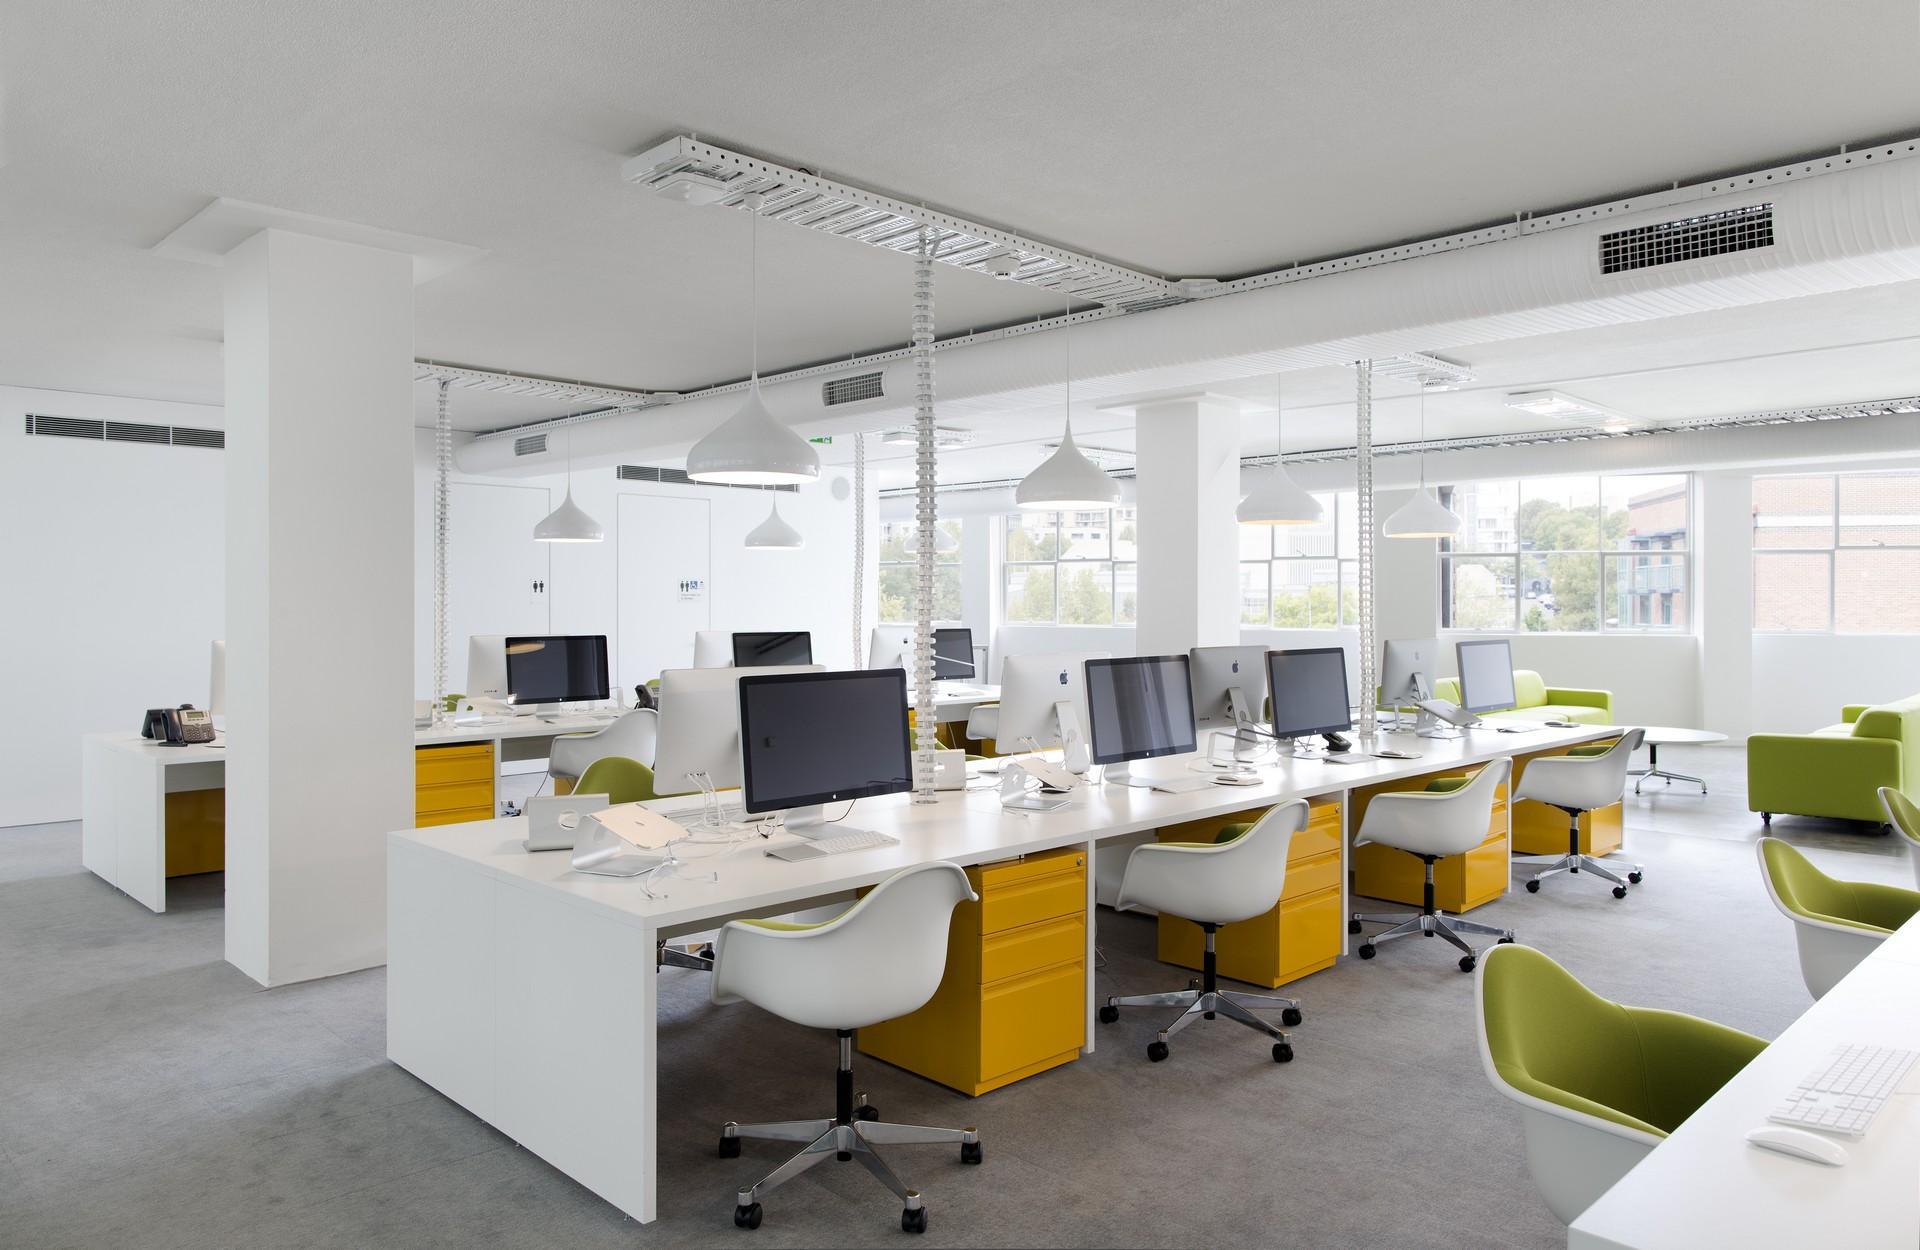 Phong cách thiết kế nội thất văn phòng đơn giản mà đẹp